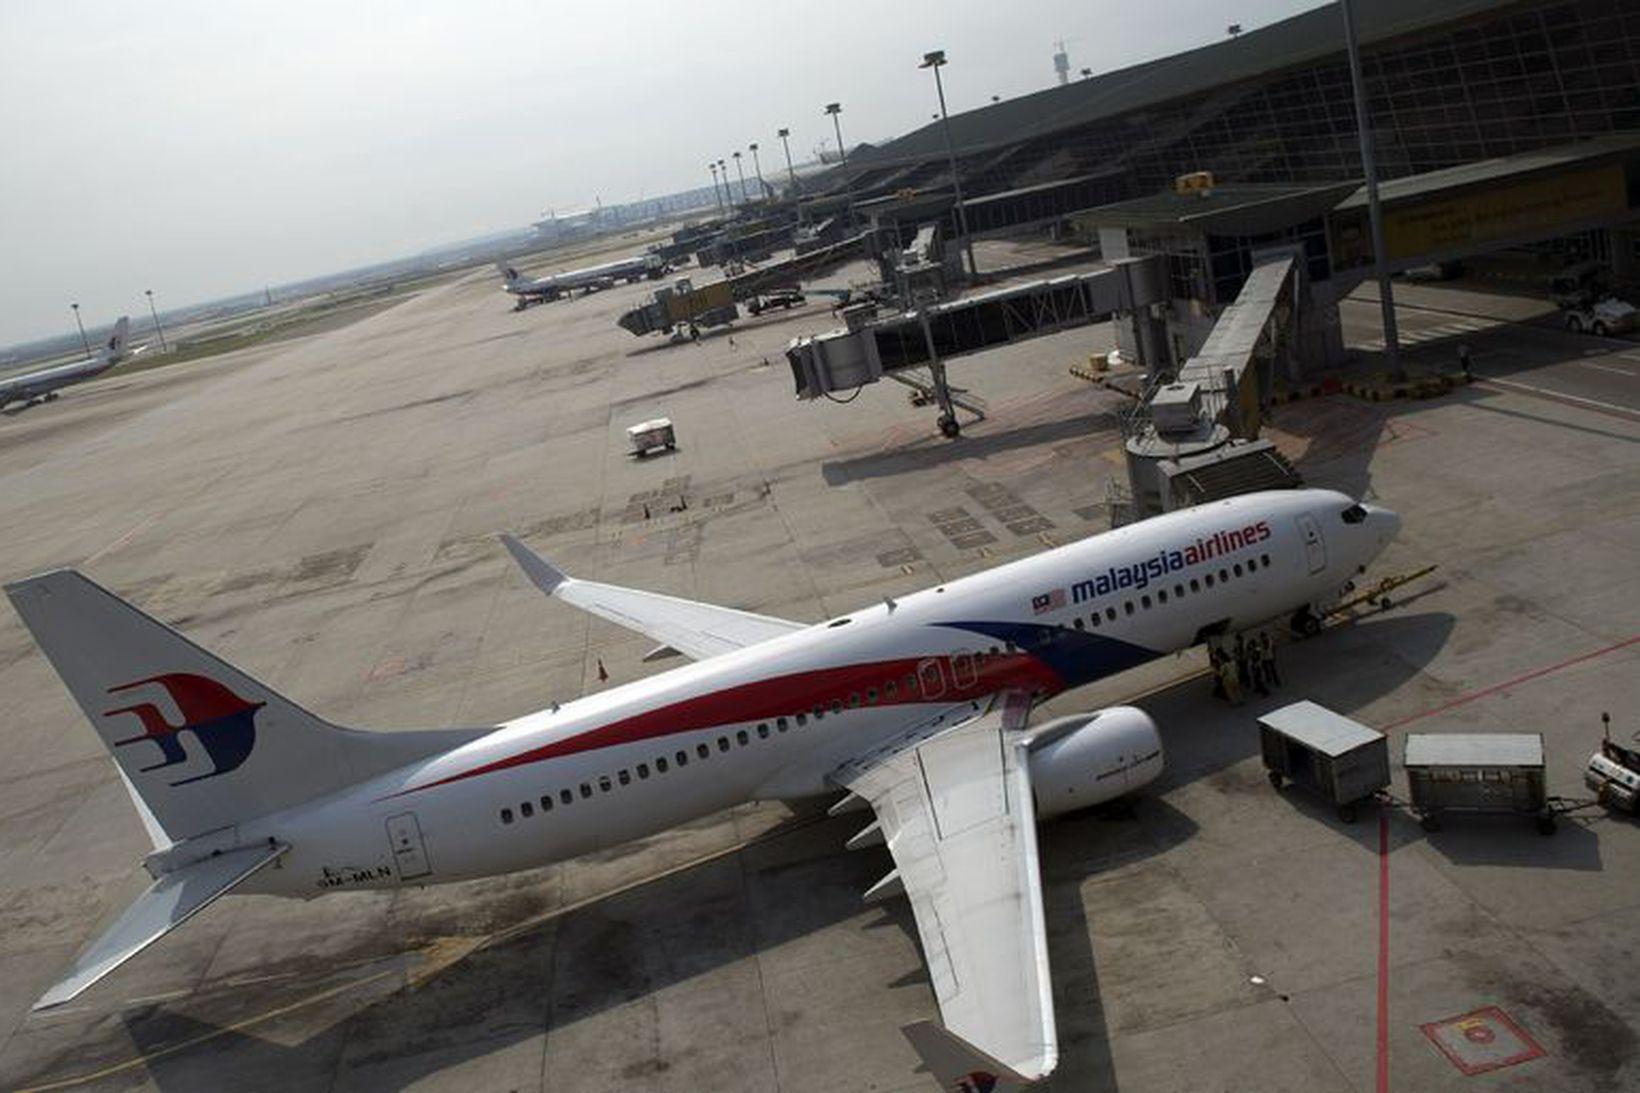 Flugvél frá Malasyan Airlines á flugvellinum í Kuala Lumpur árið …